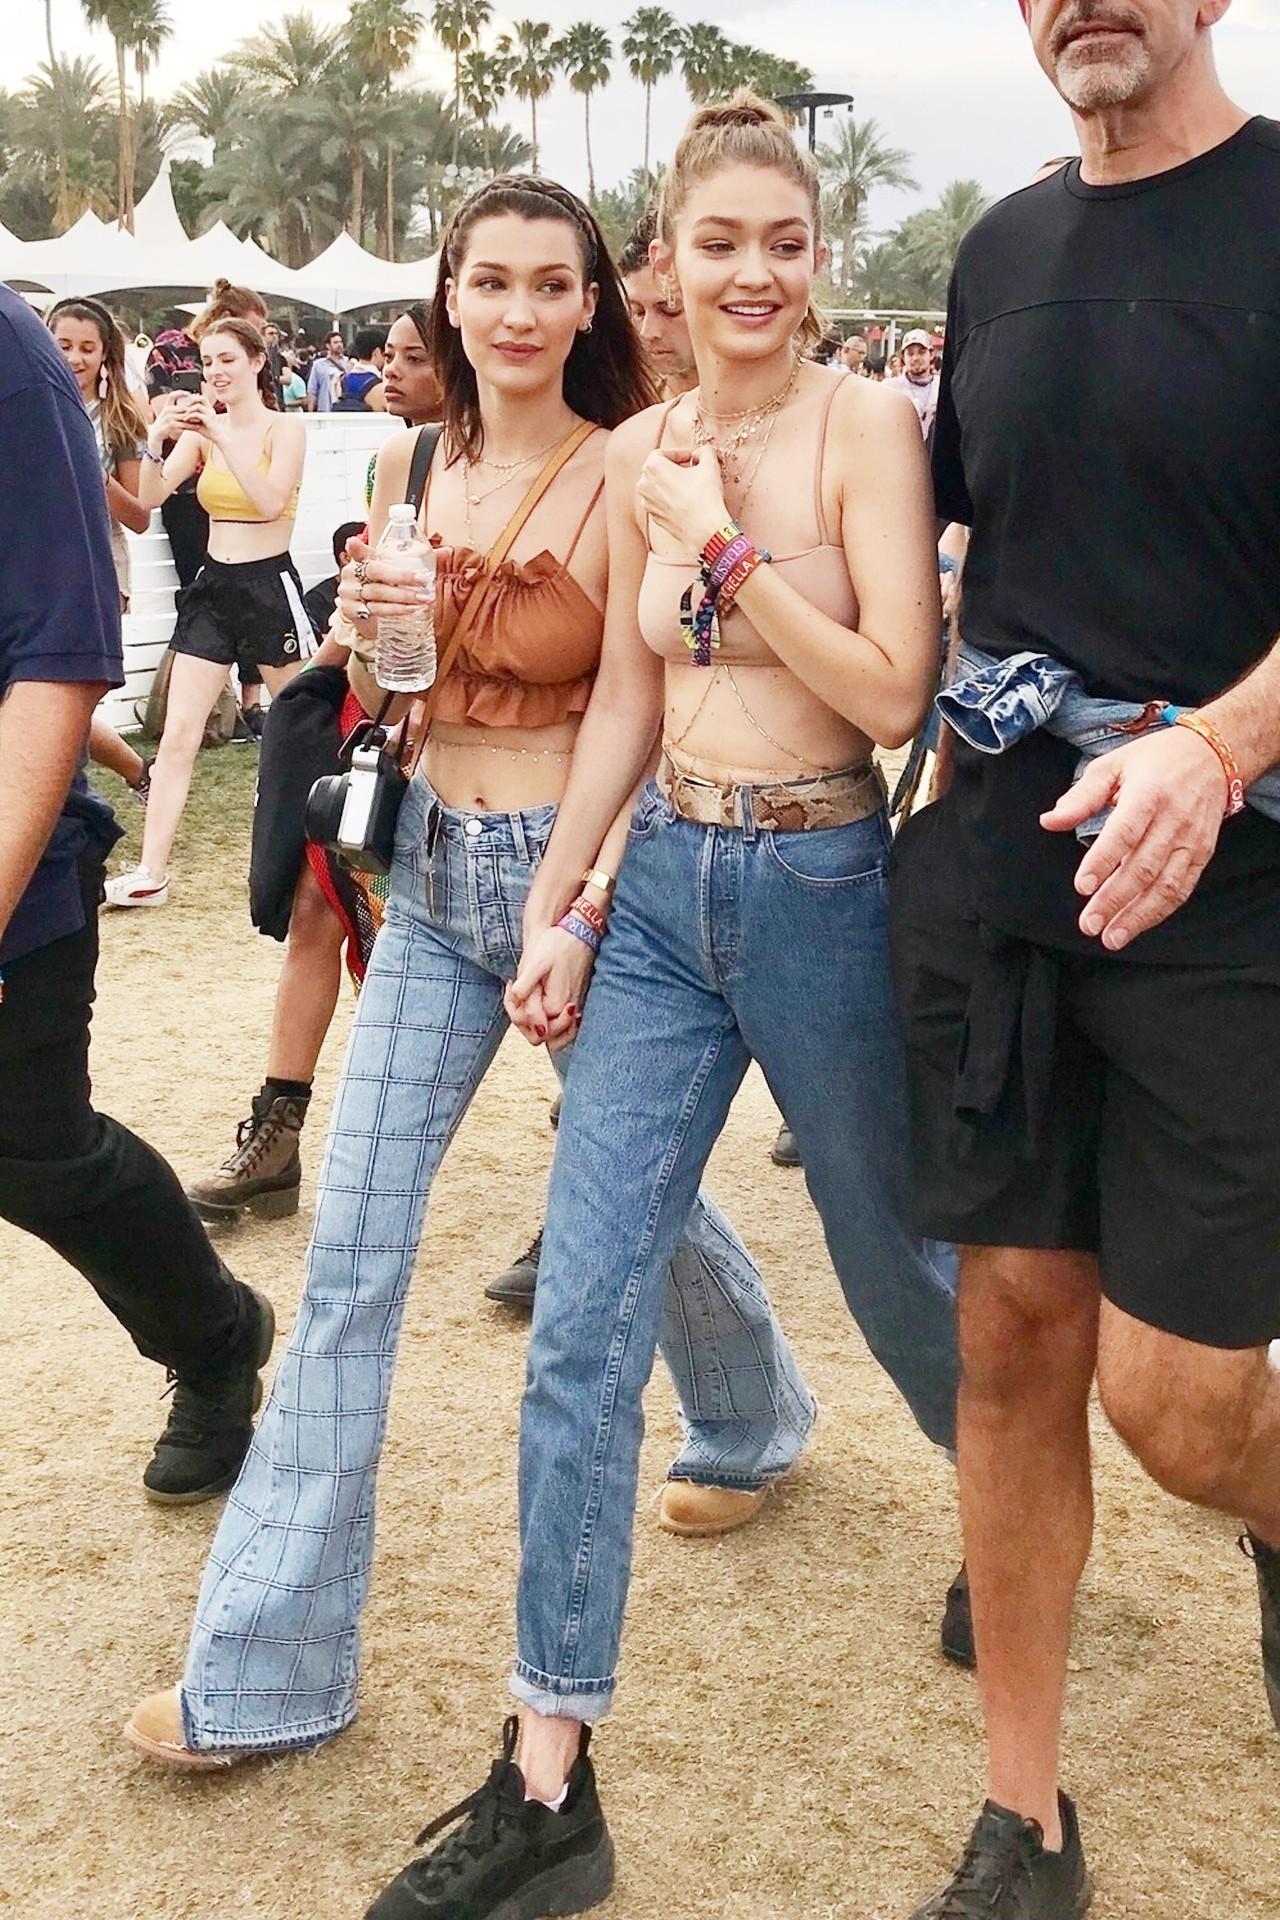 Cả chị lẫn em vừa đẹp vừa sexy, Gigi và Bella Hadid làm trái tim mọi chàng trai loạn nhịp tại Coachella - Ảnh 1.